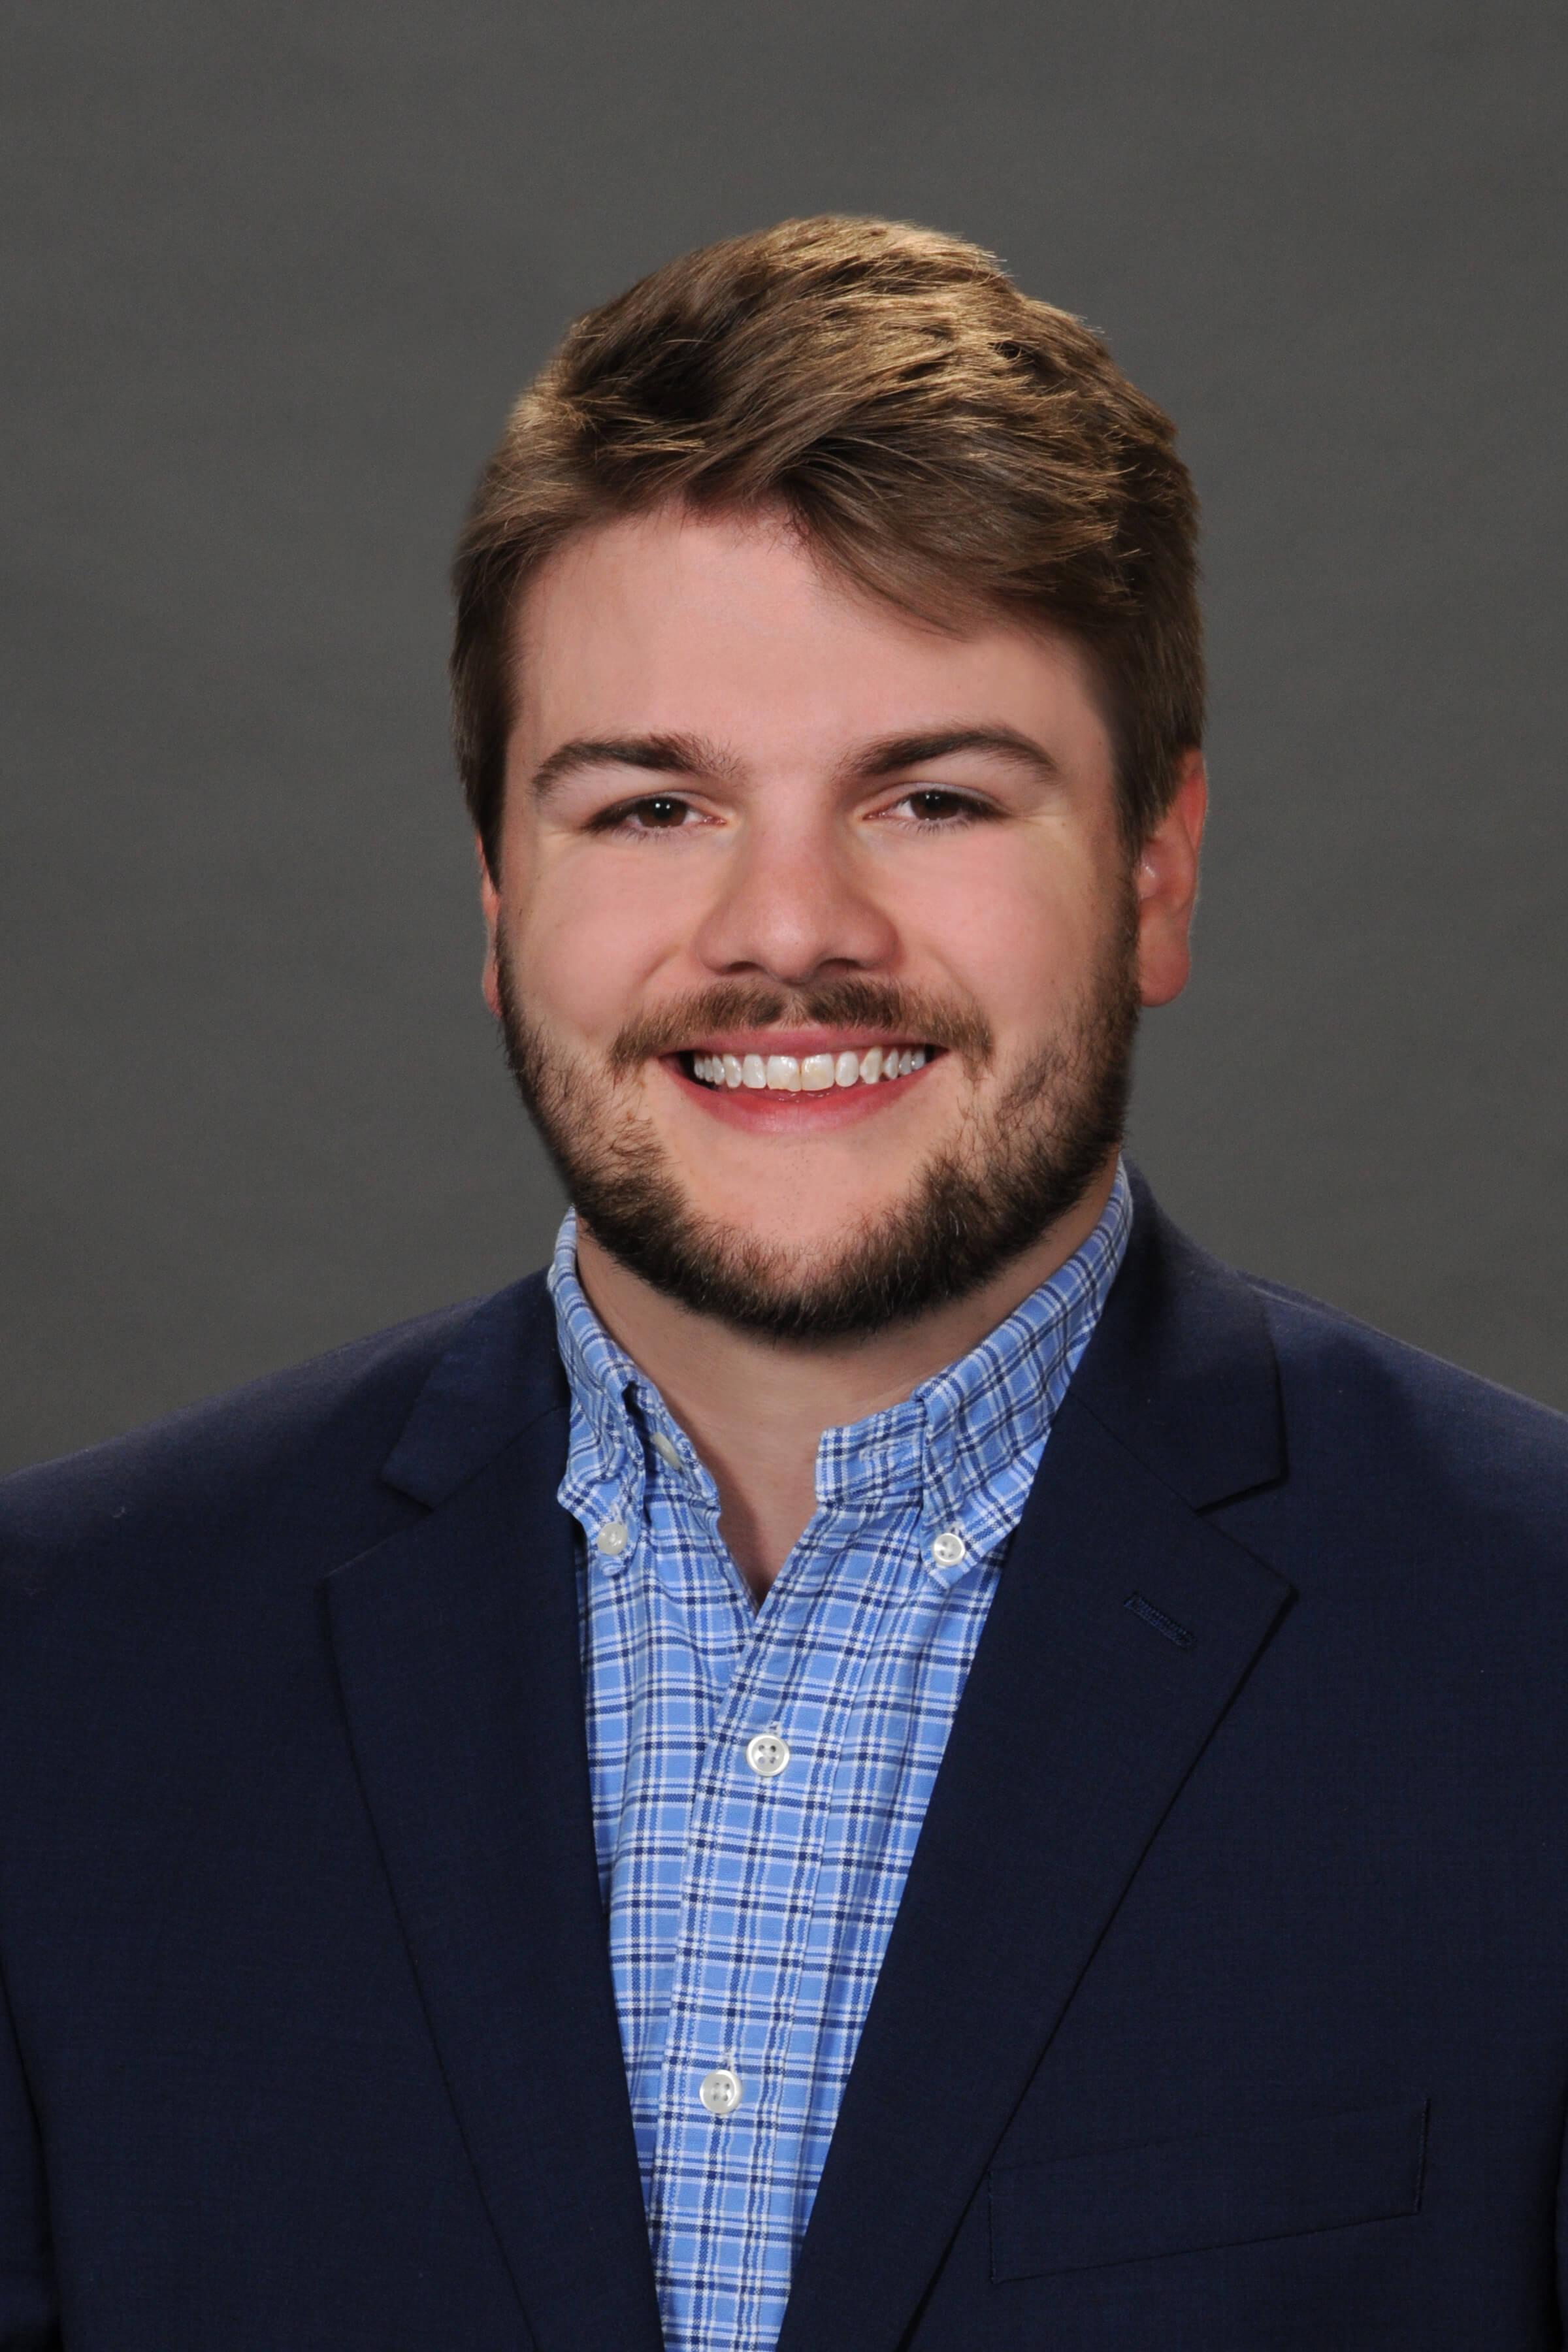 Zach Grant